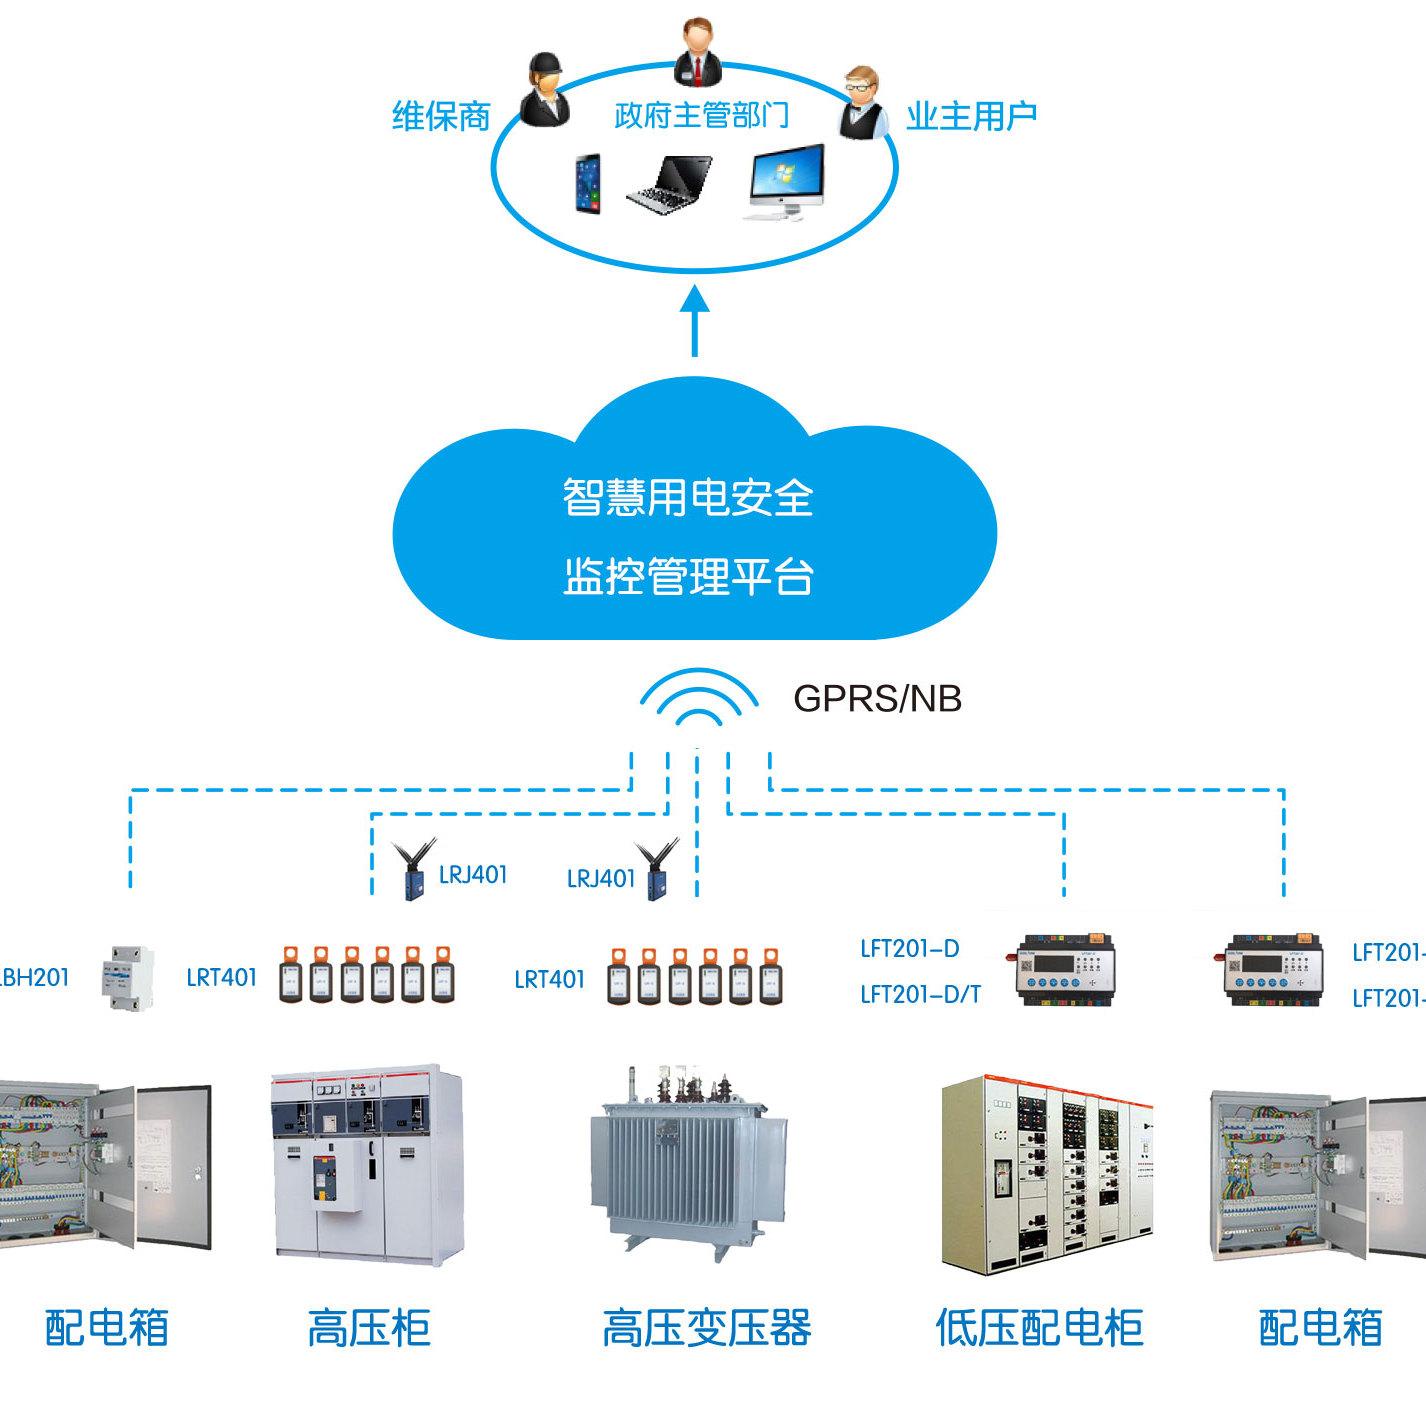 智慧用电安全管理系统-智慧用电安全管理解决方案-力安科技